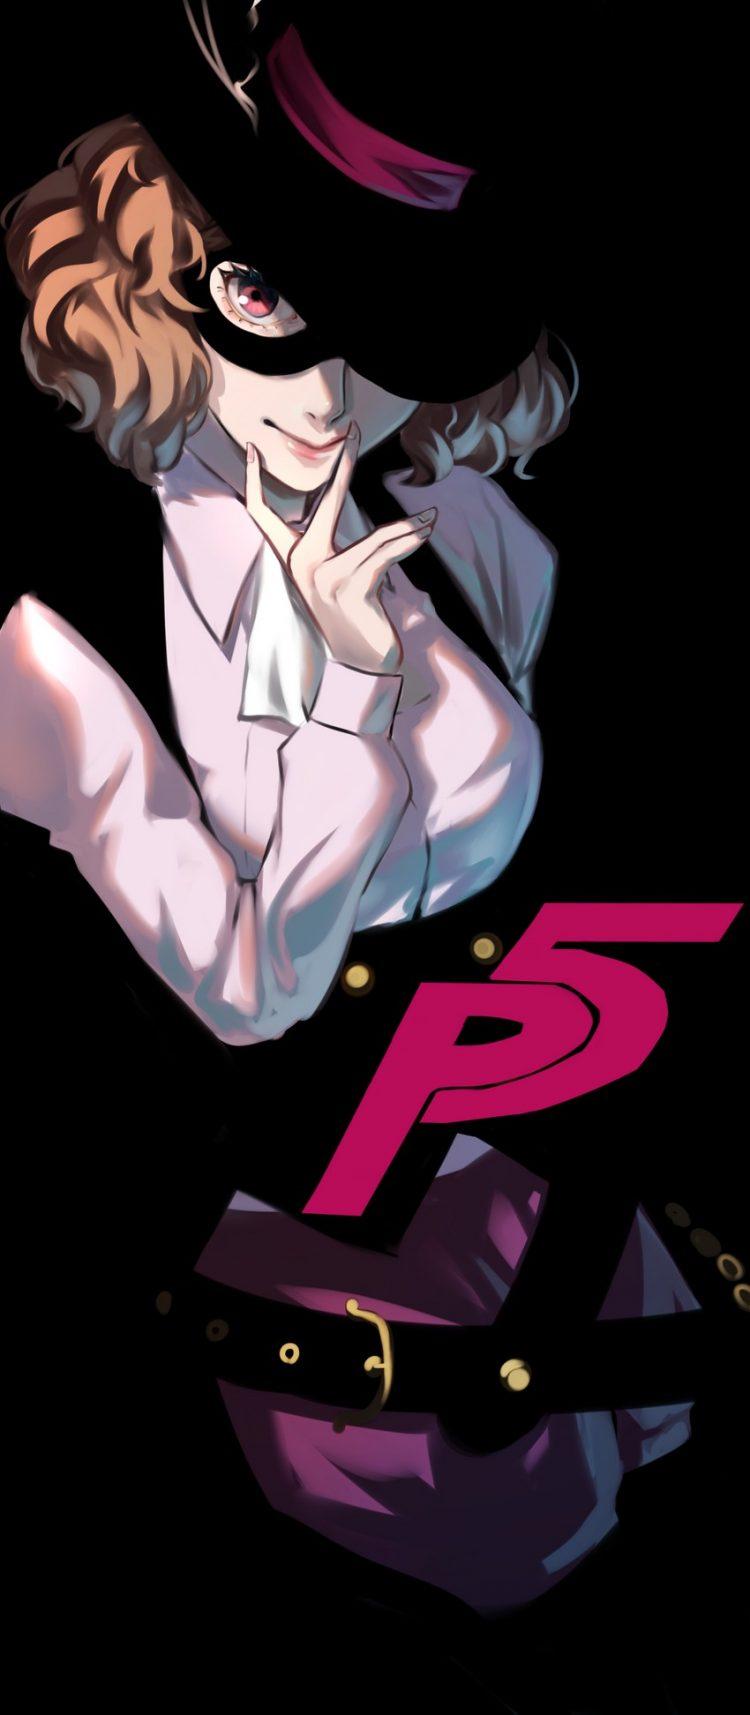 okumura haru persona153 - 【ペルソナ5】奥村春(おくむらはる)のエロ画像:イラスト その4